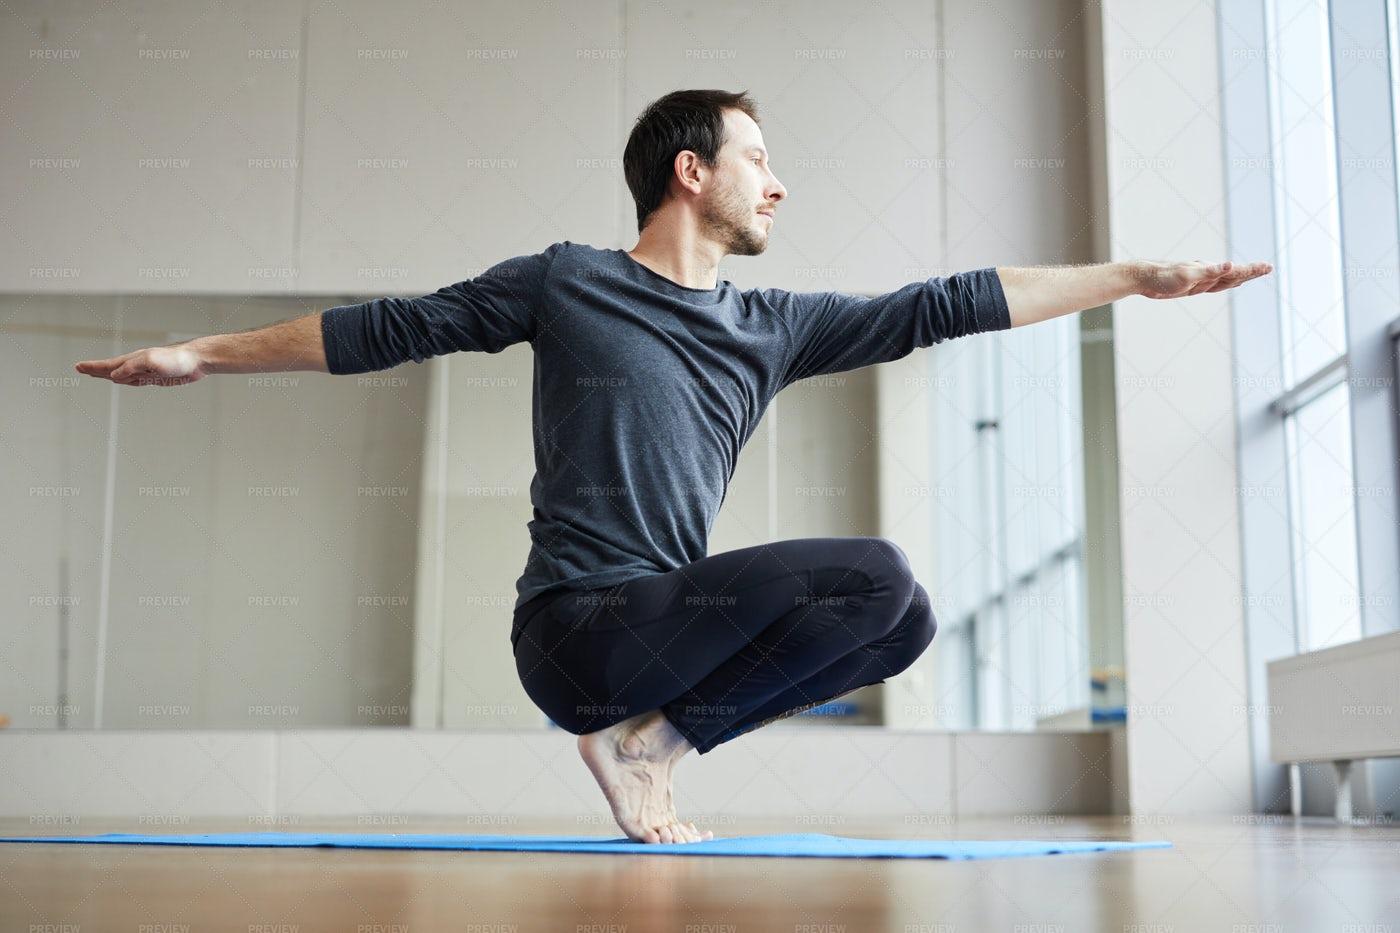 Man Balancing On Toes: Stock Photos